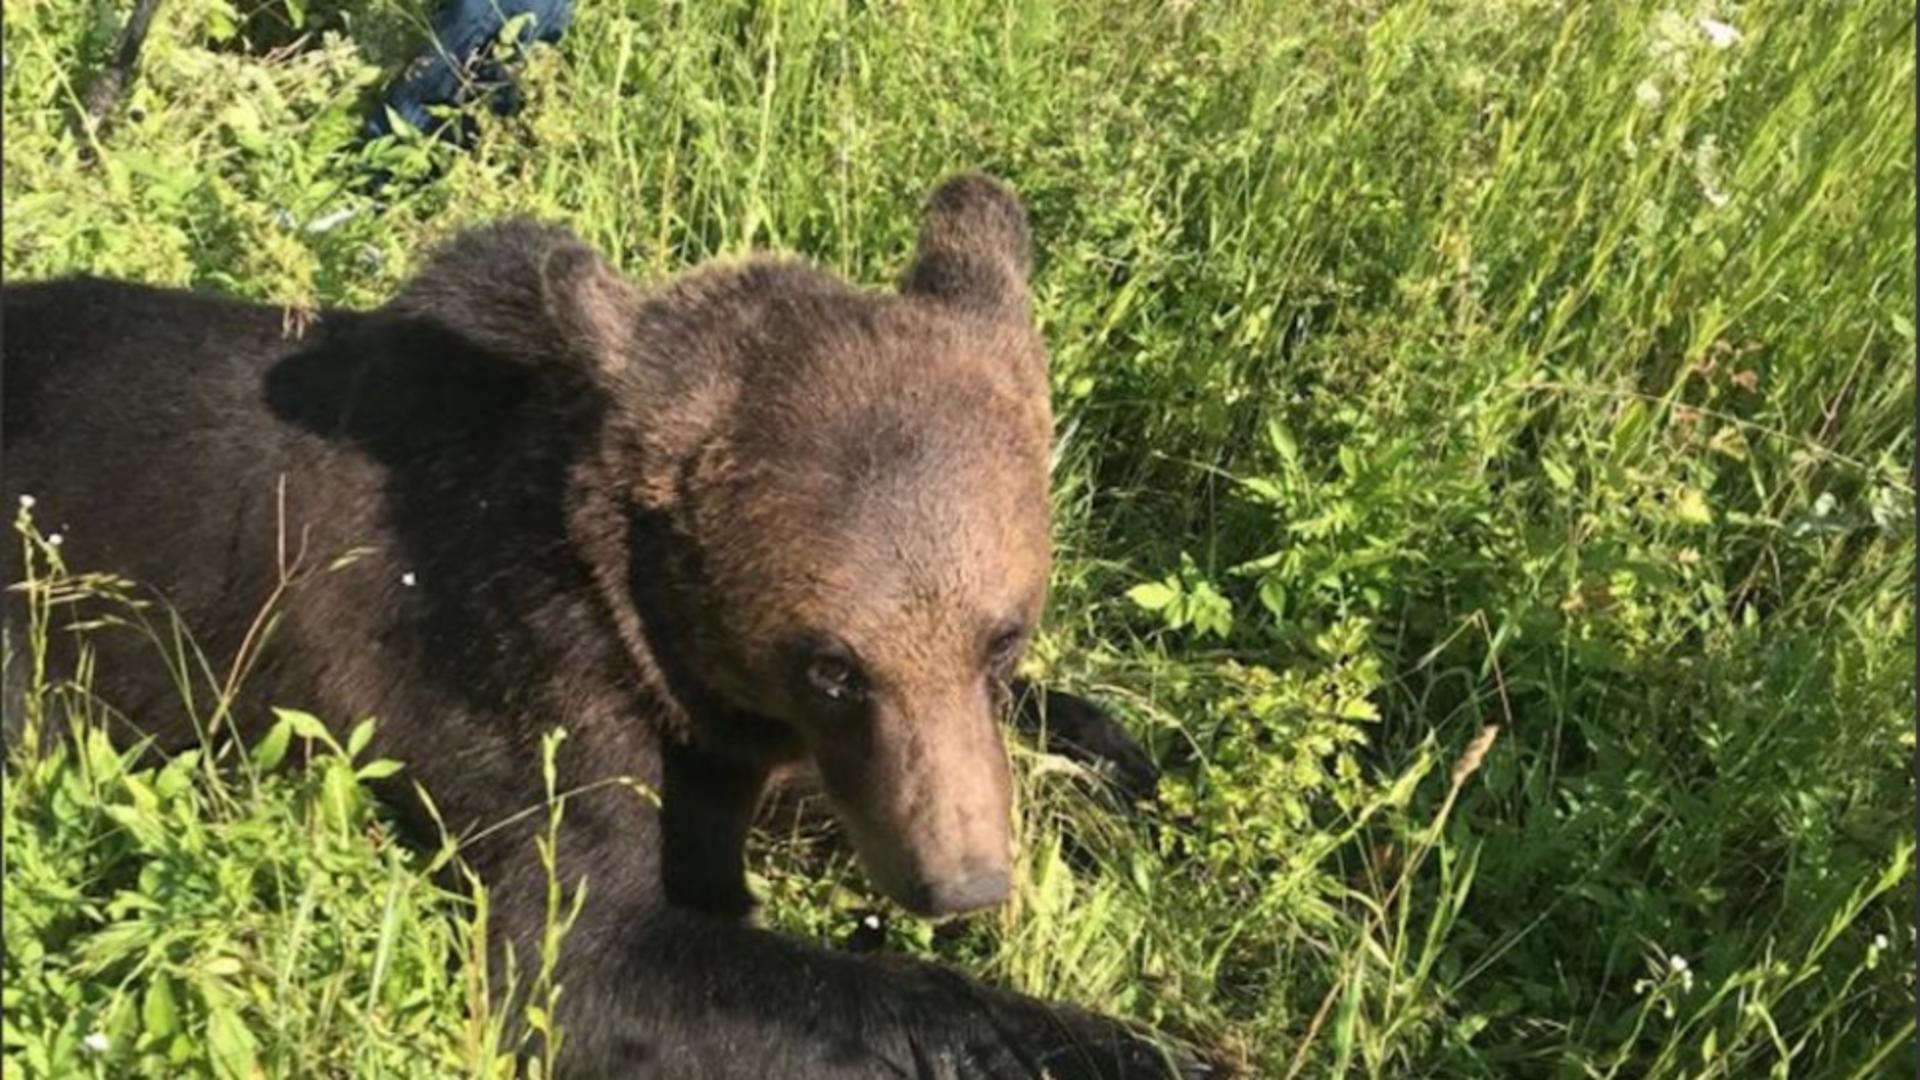 Încă un bărbat atacat de urs în propria sa grădină. Victima a ajuns la spital cu răni la cap